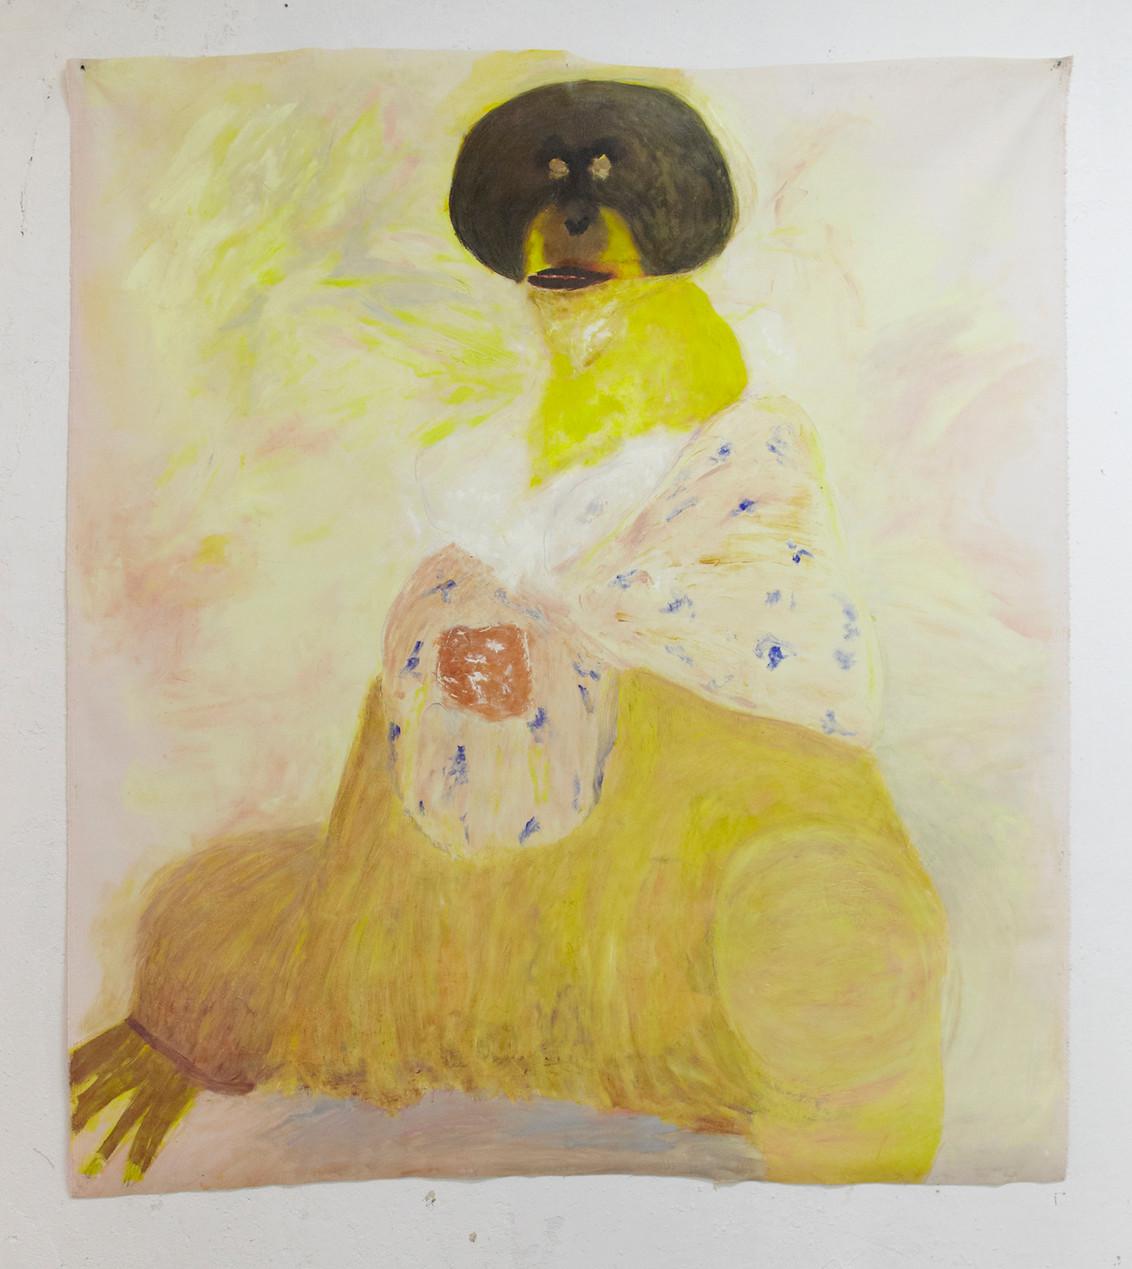 Matriarche, 2018 | Oil on canvas | 134 x 154cm